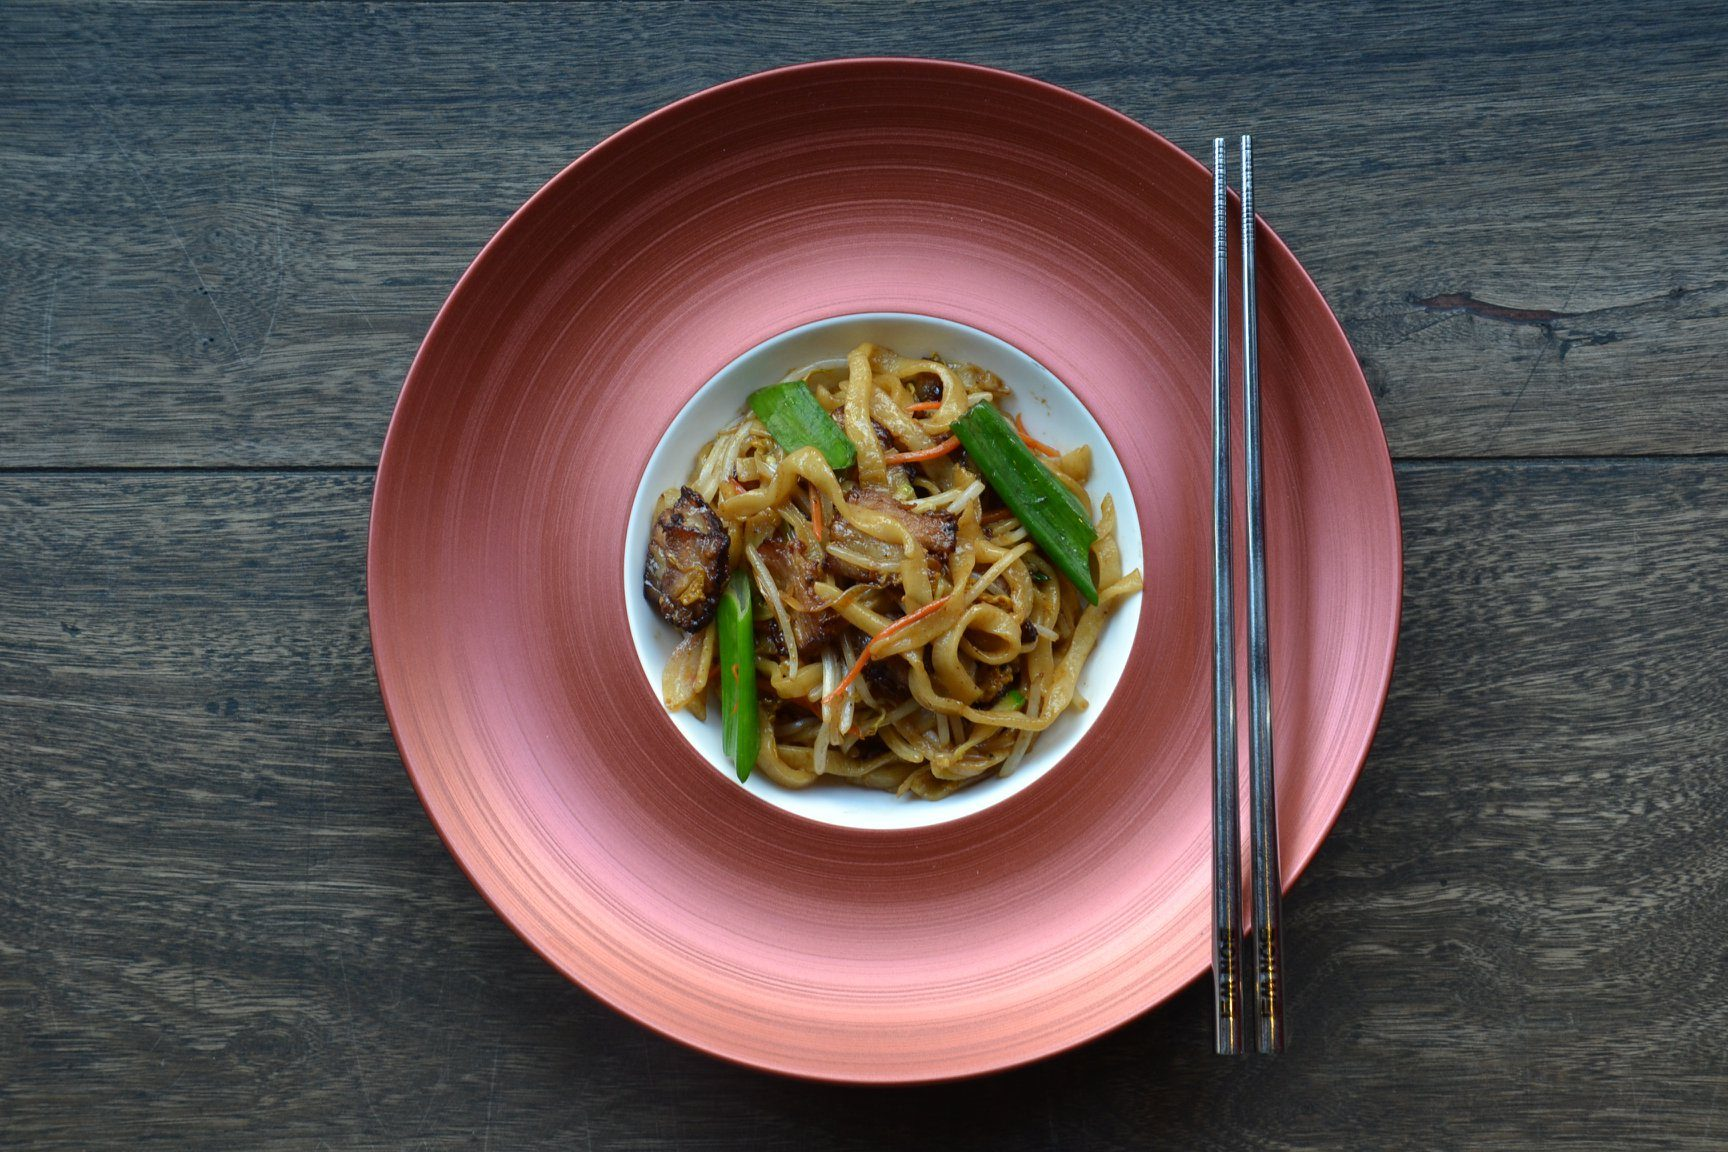 Un piatto di Bon Wei: Lamian (noodles tirati a mano) saltati con pancetta stile cha–shao (barbecue cinese) e verdure